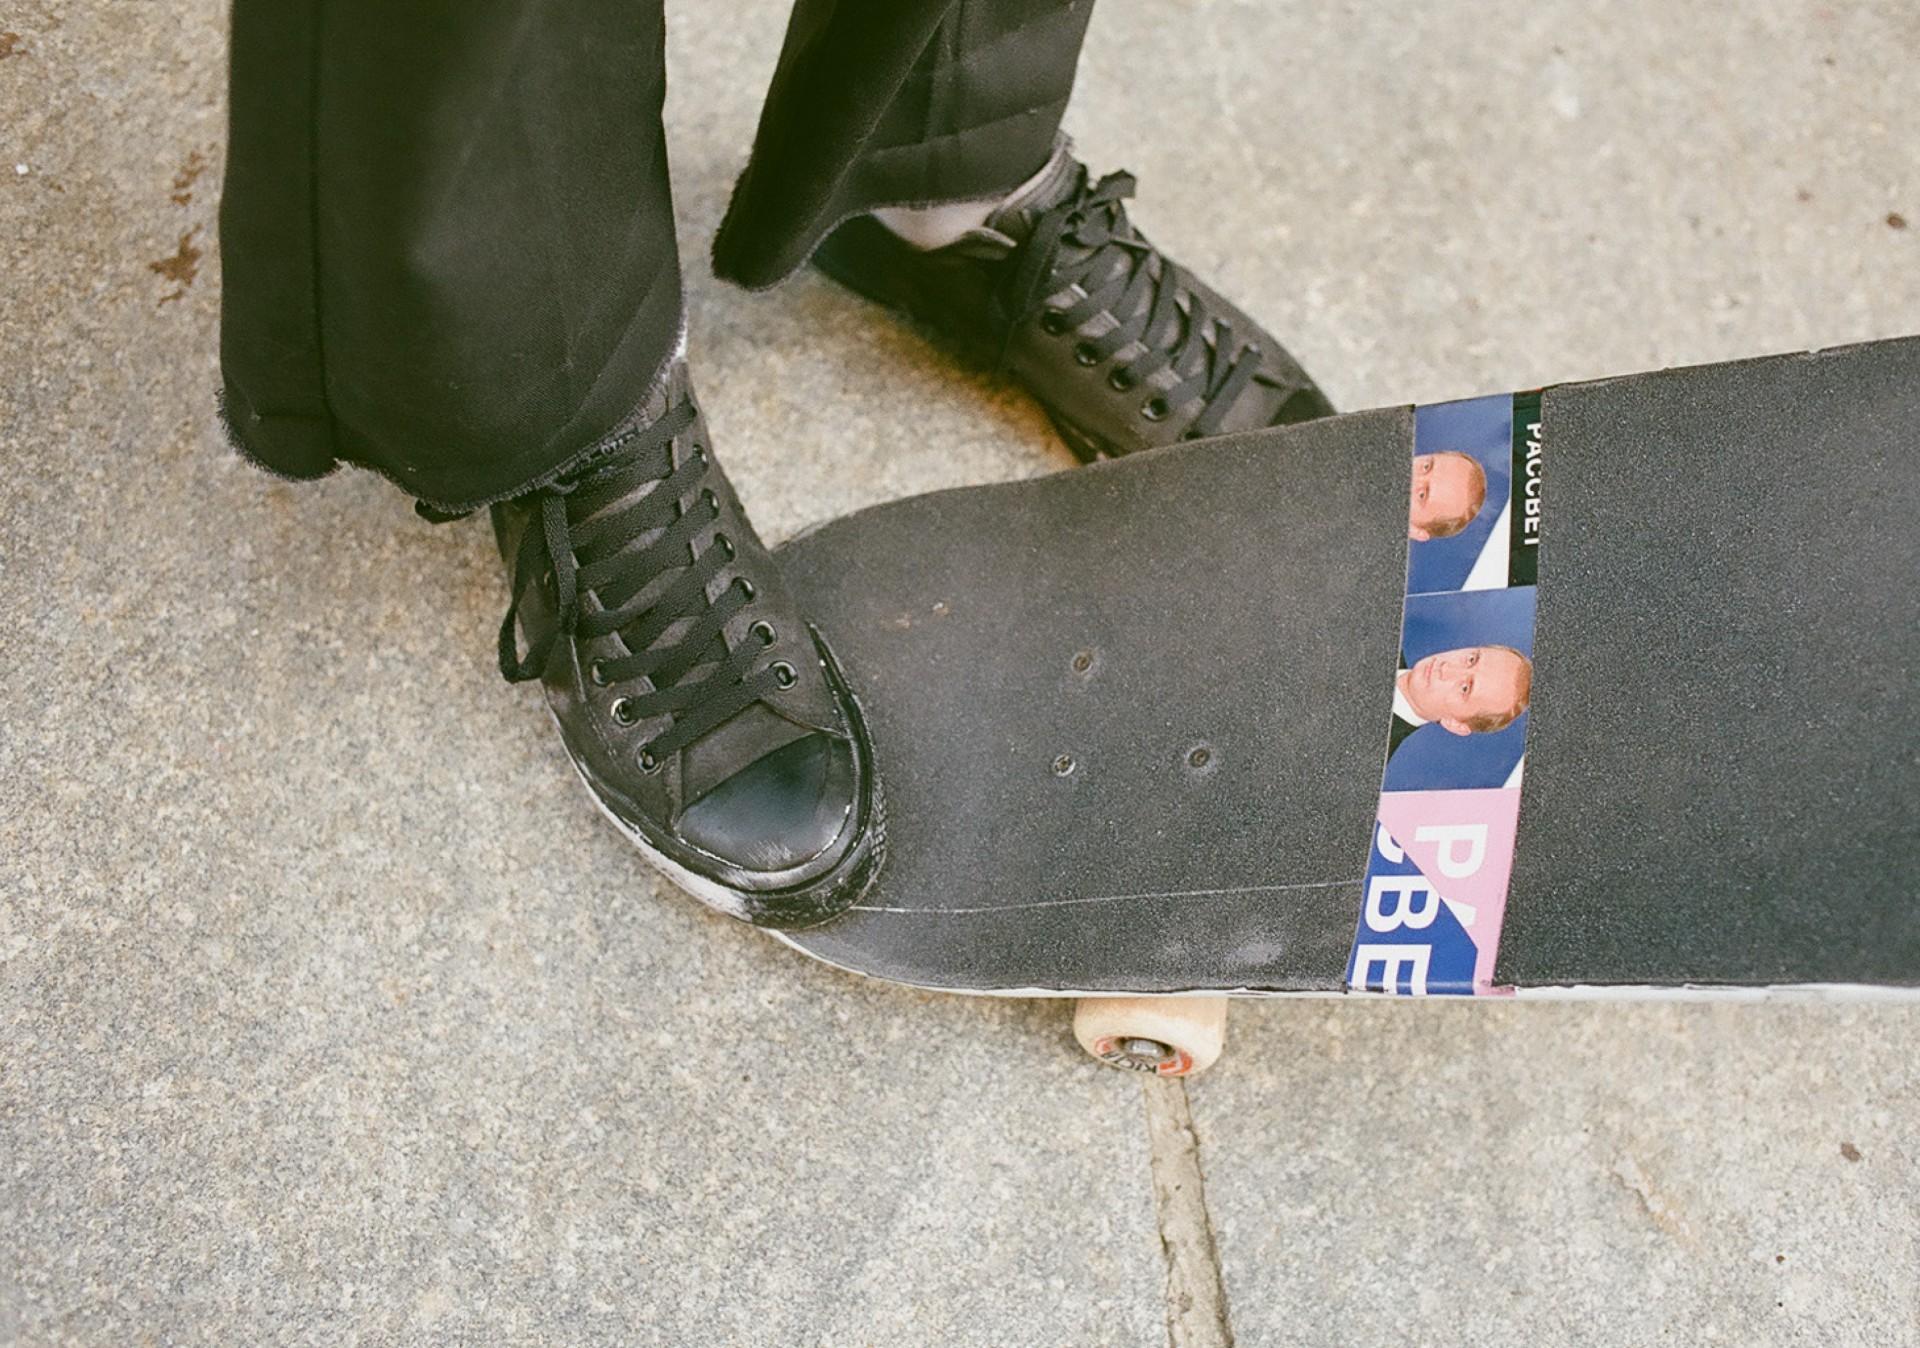 Percevalties Gosha et Paccbet : le skate pas bête